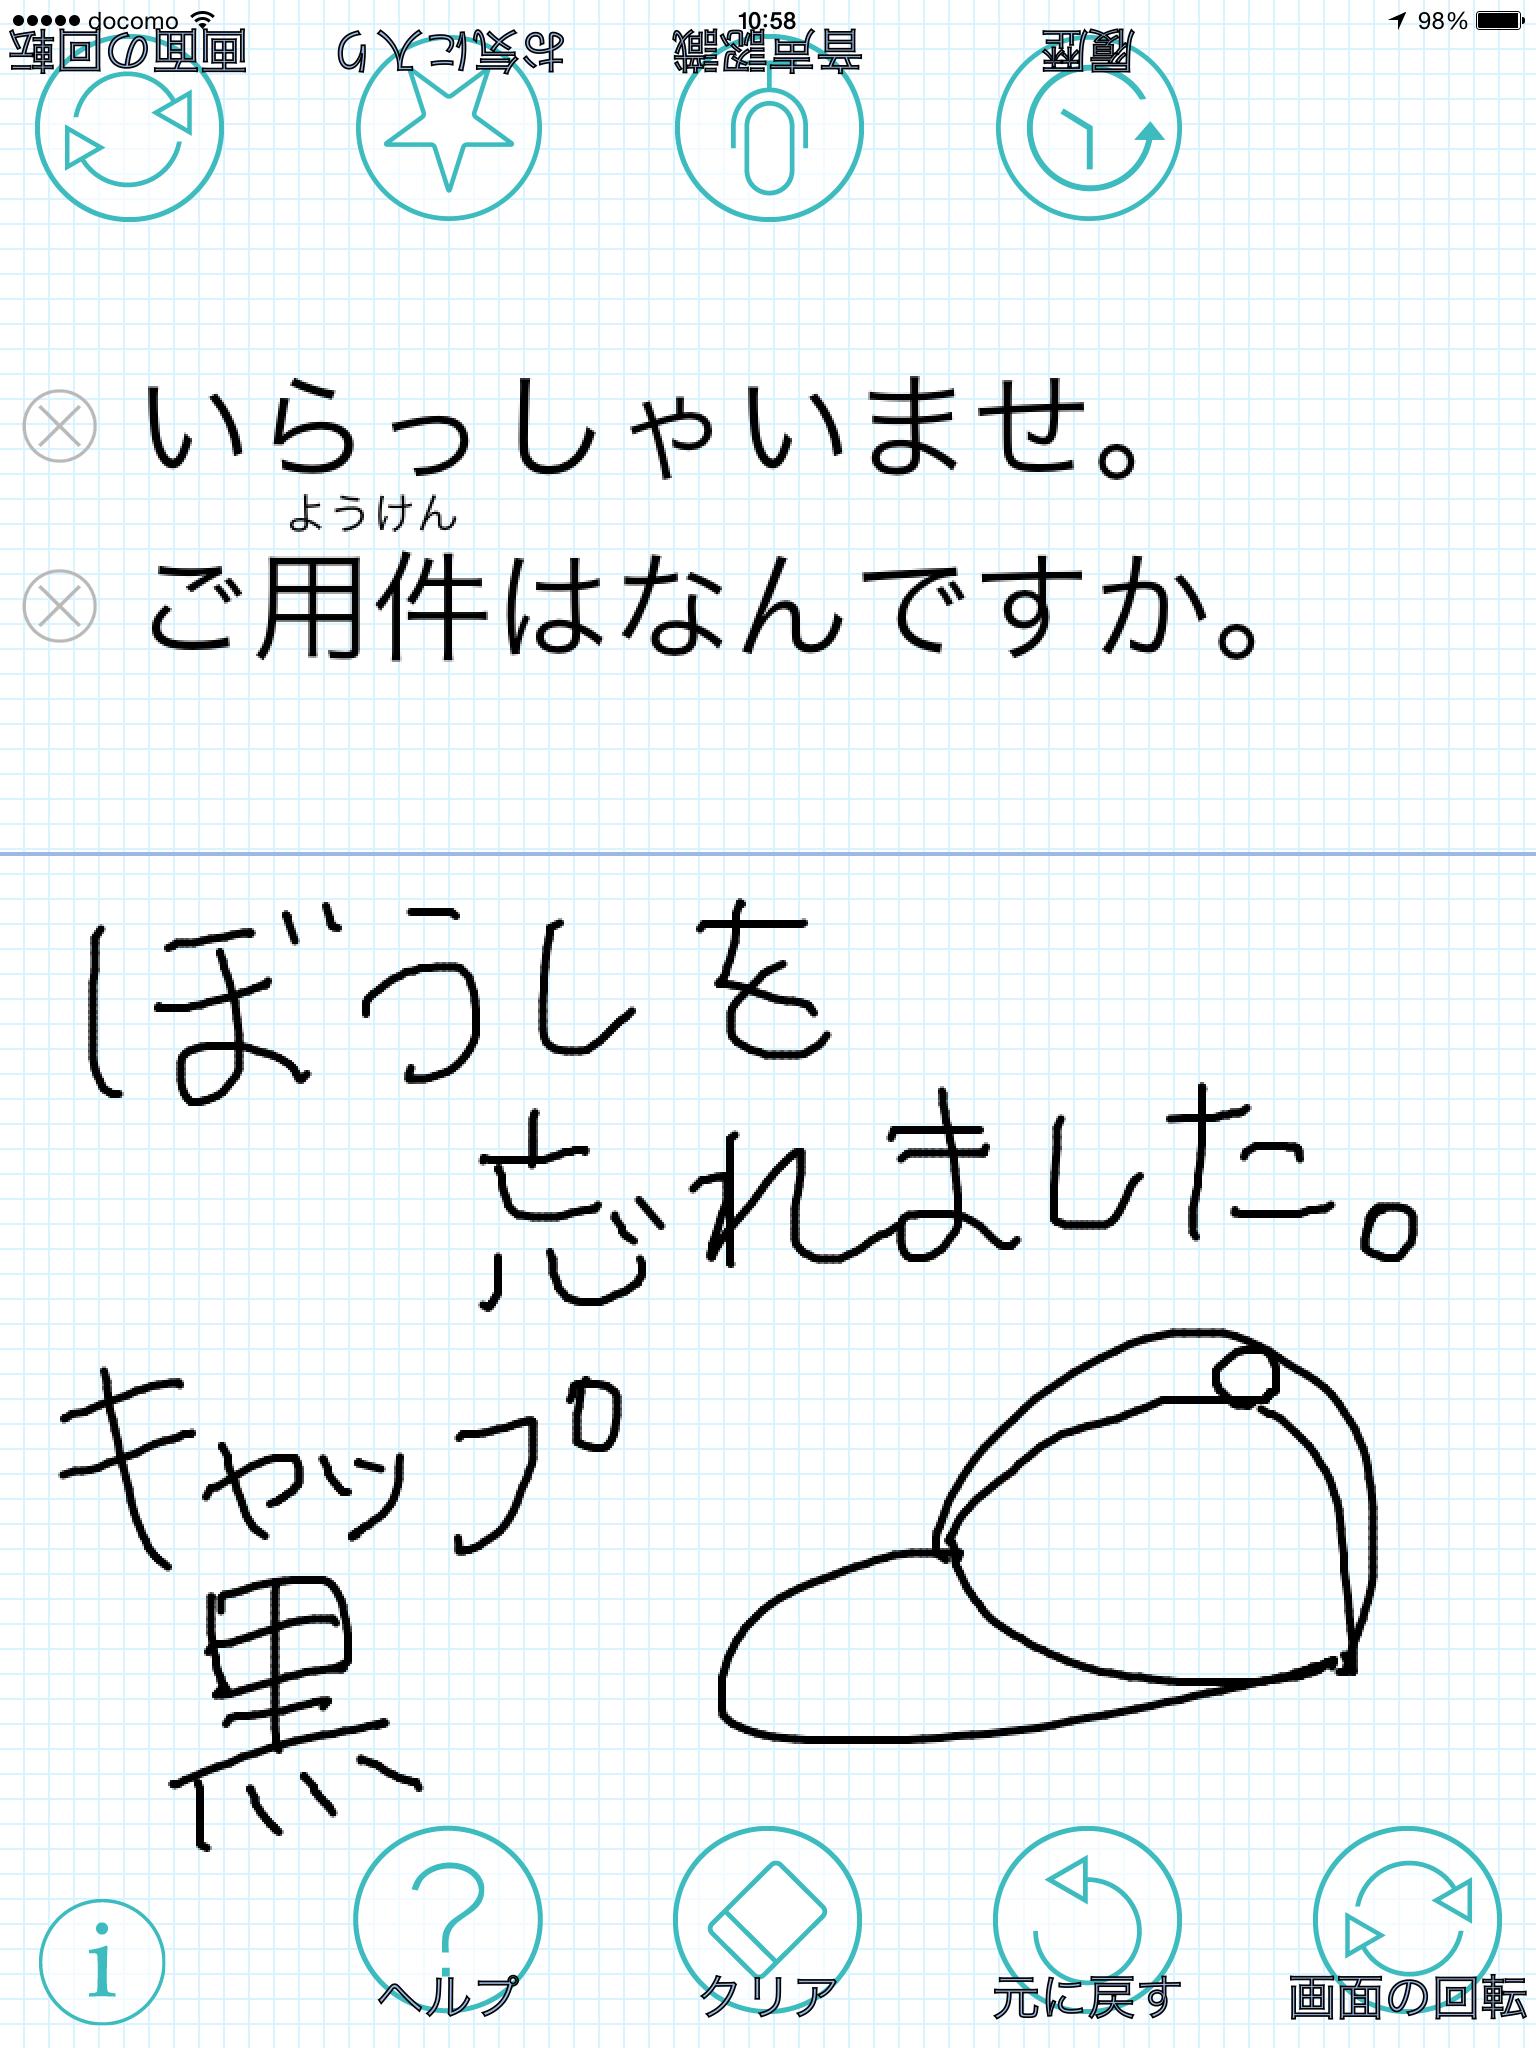 手書きエリアに文字と絵をかいたところ